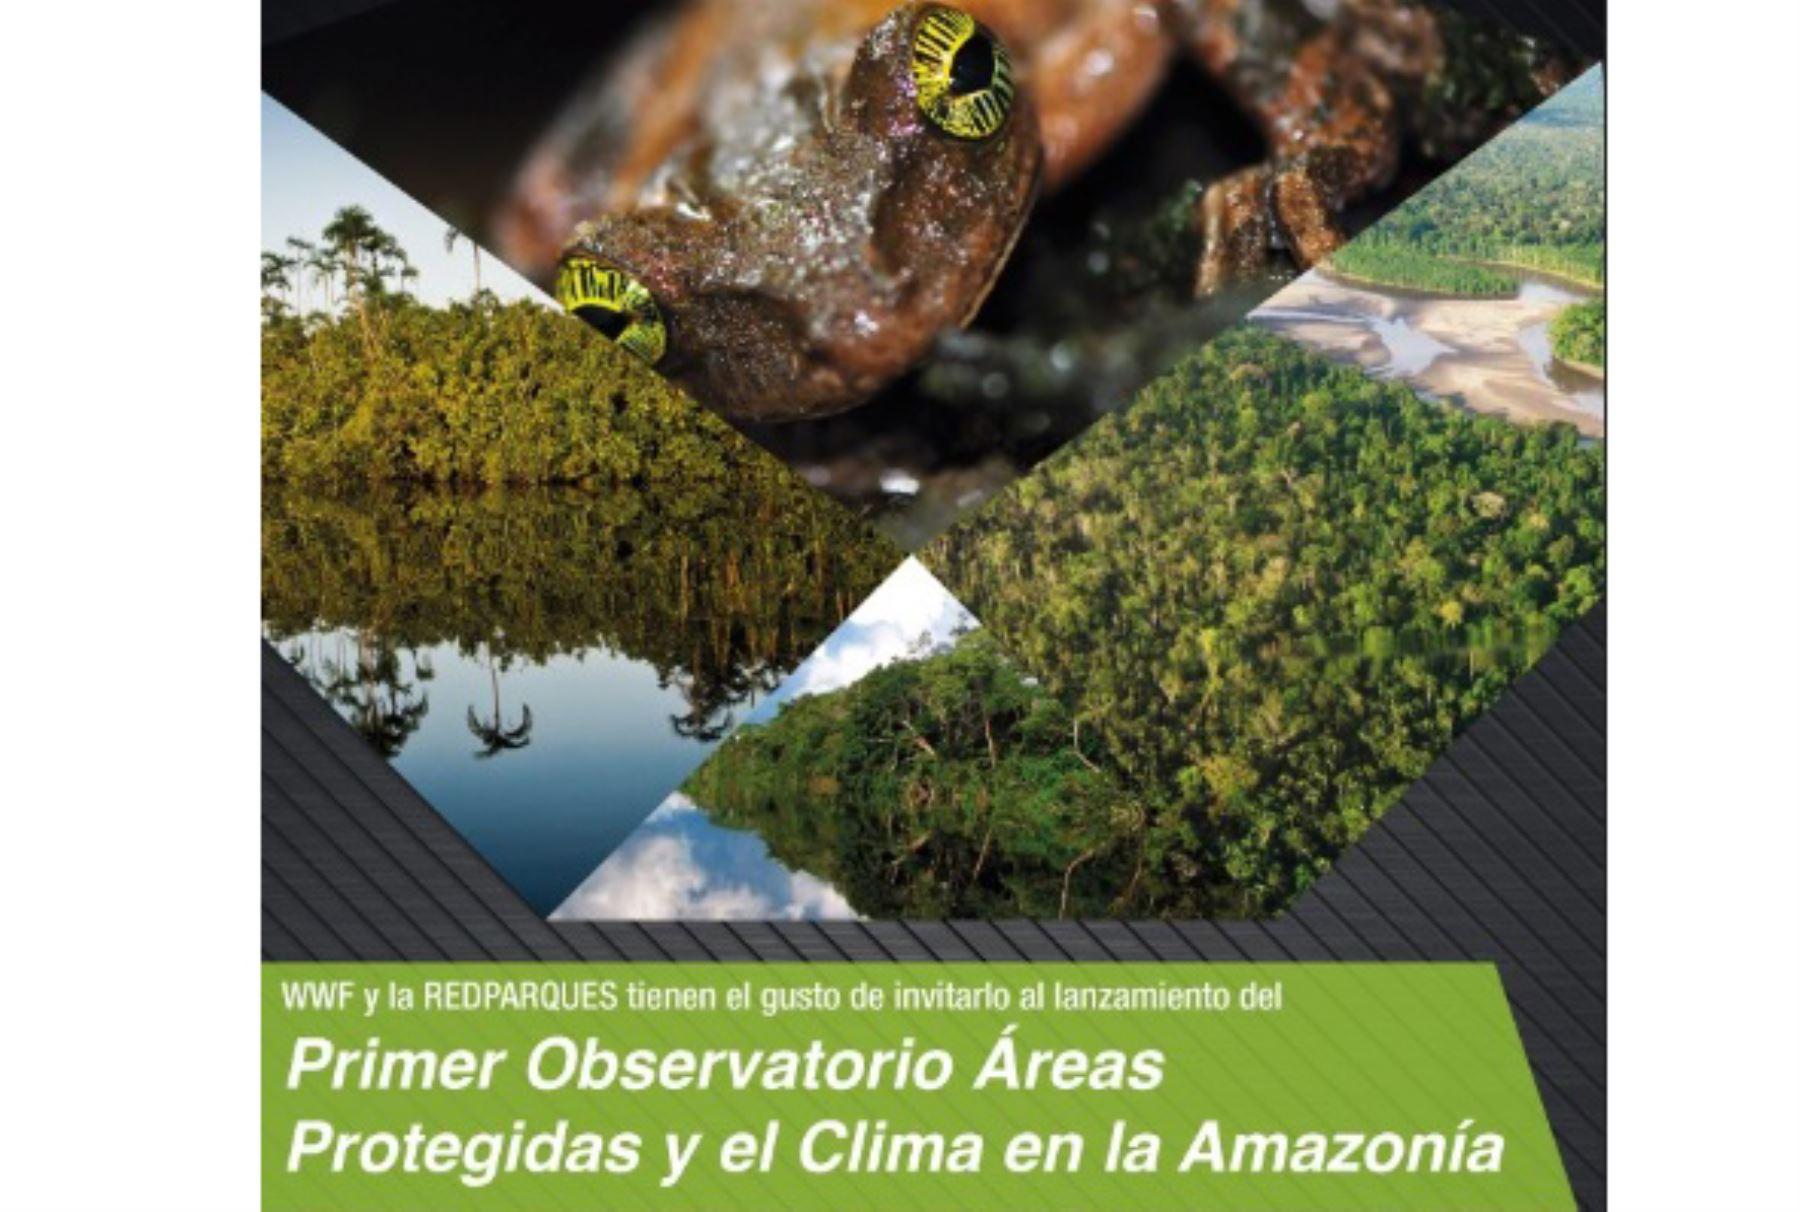 Observatorio de Áreas Protegidas y Cambio Climático de la Amazonia, herramienta que permitirá consolidar y organizar información para el manejo y la toma de decisiones relacionadas con las áreas protegidas del bioma amazónico